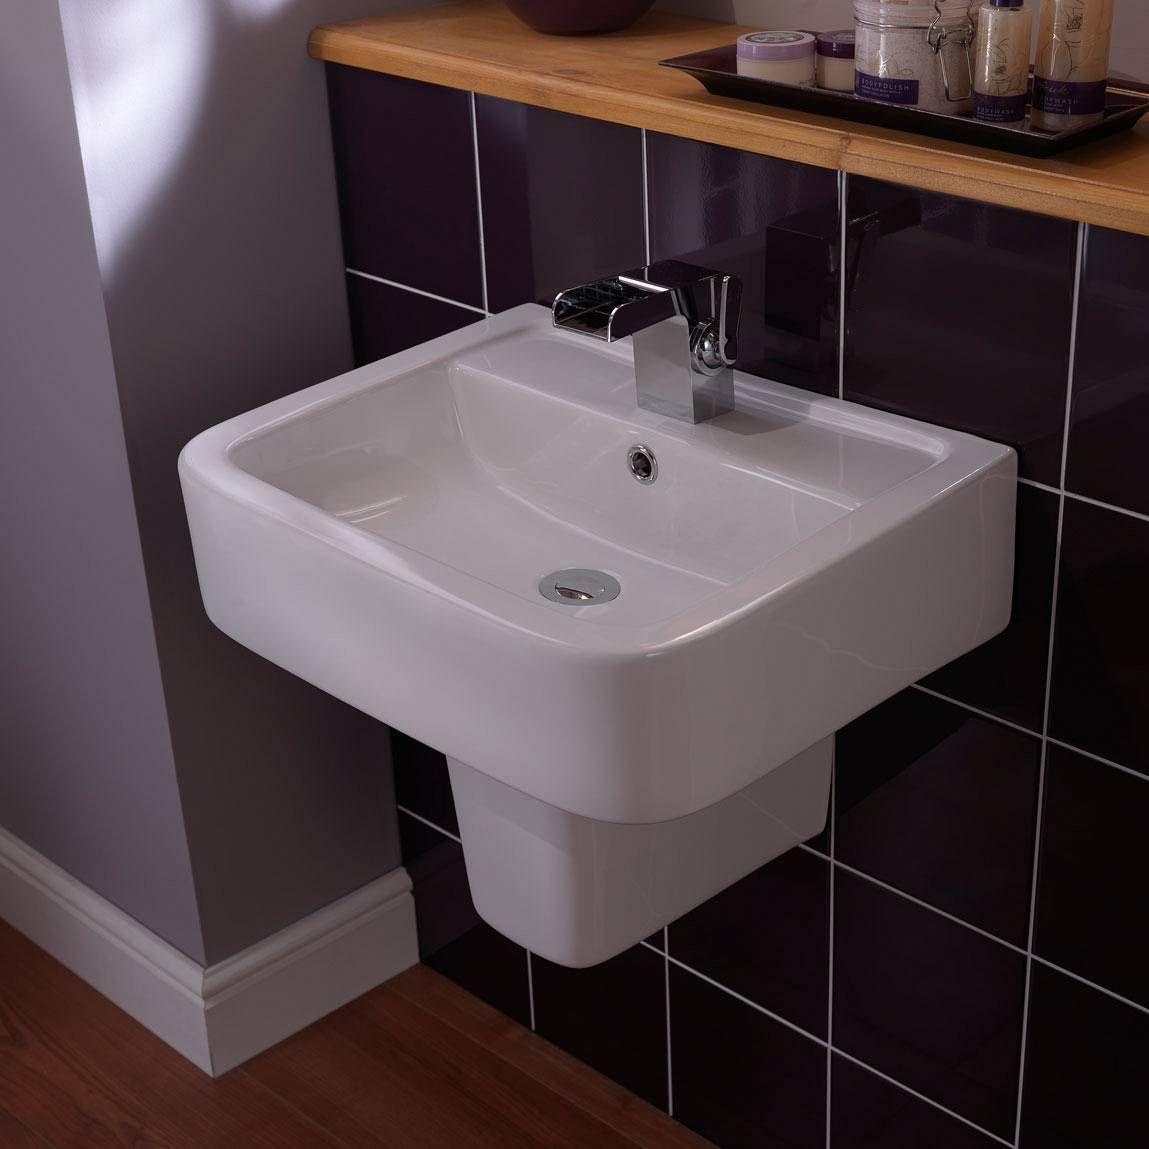 montreal basin semi pedestal small 7999 victoria plumb - Bathroom Accessories Victoria Plumb